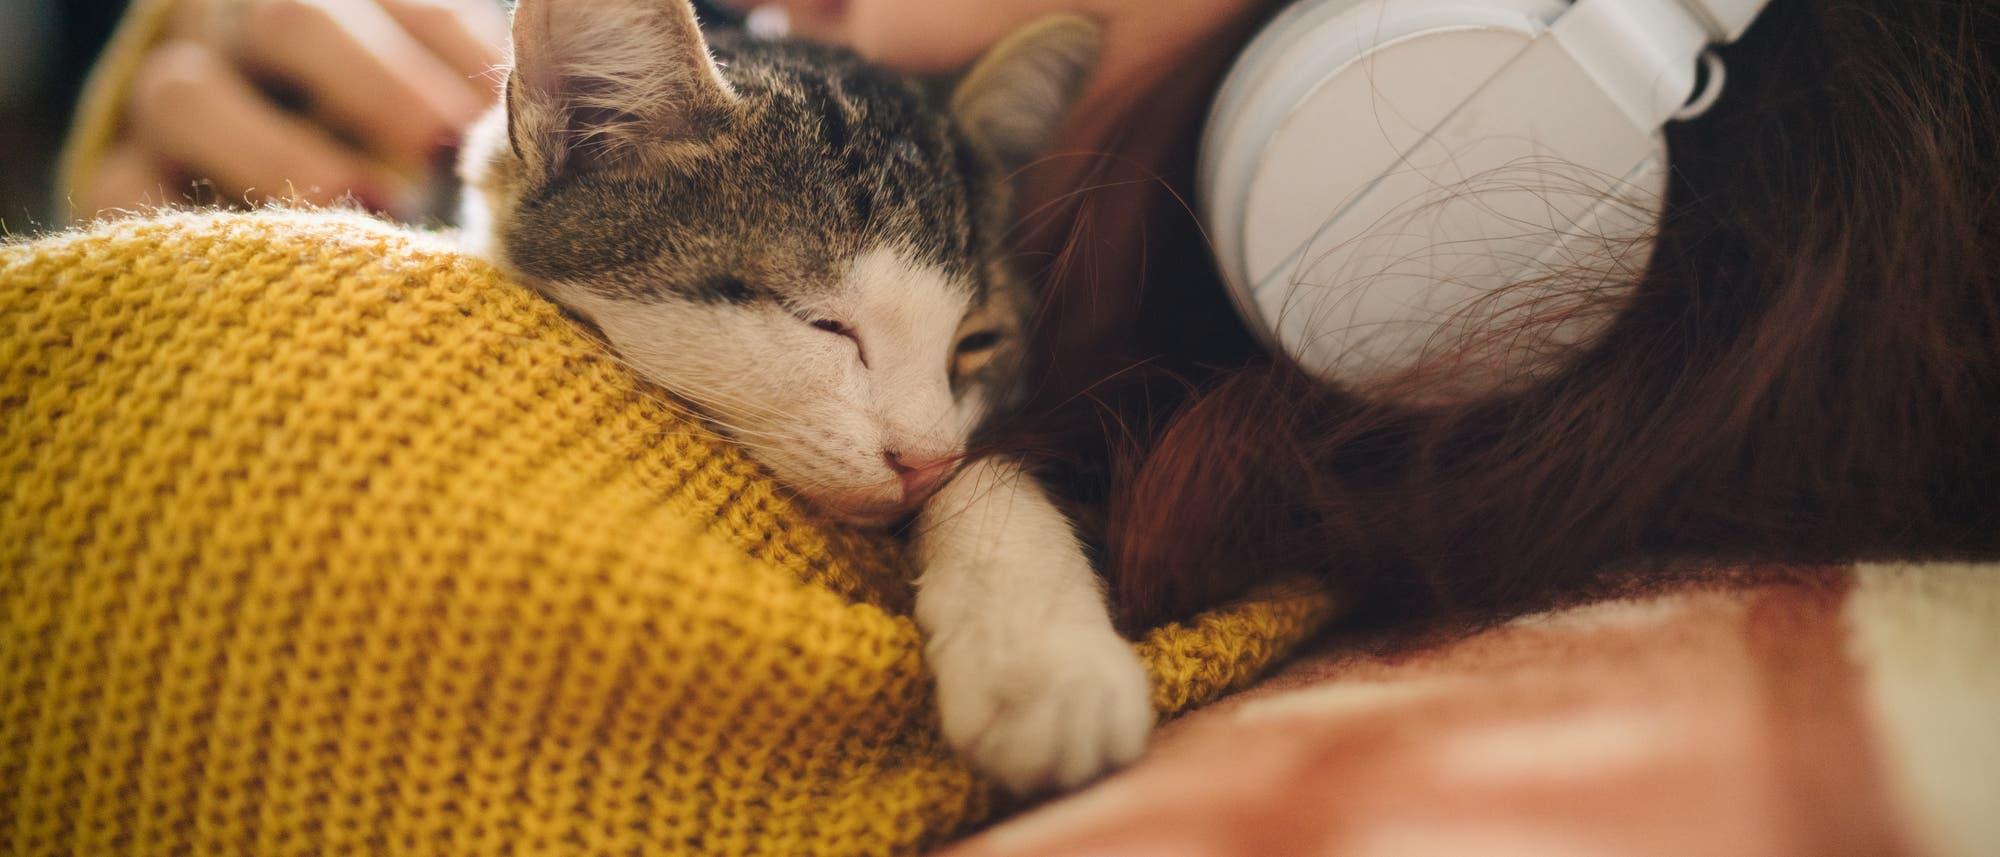 Frau kuschelt mit Katze und hört dabei Musik